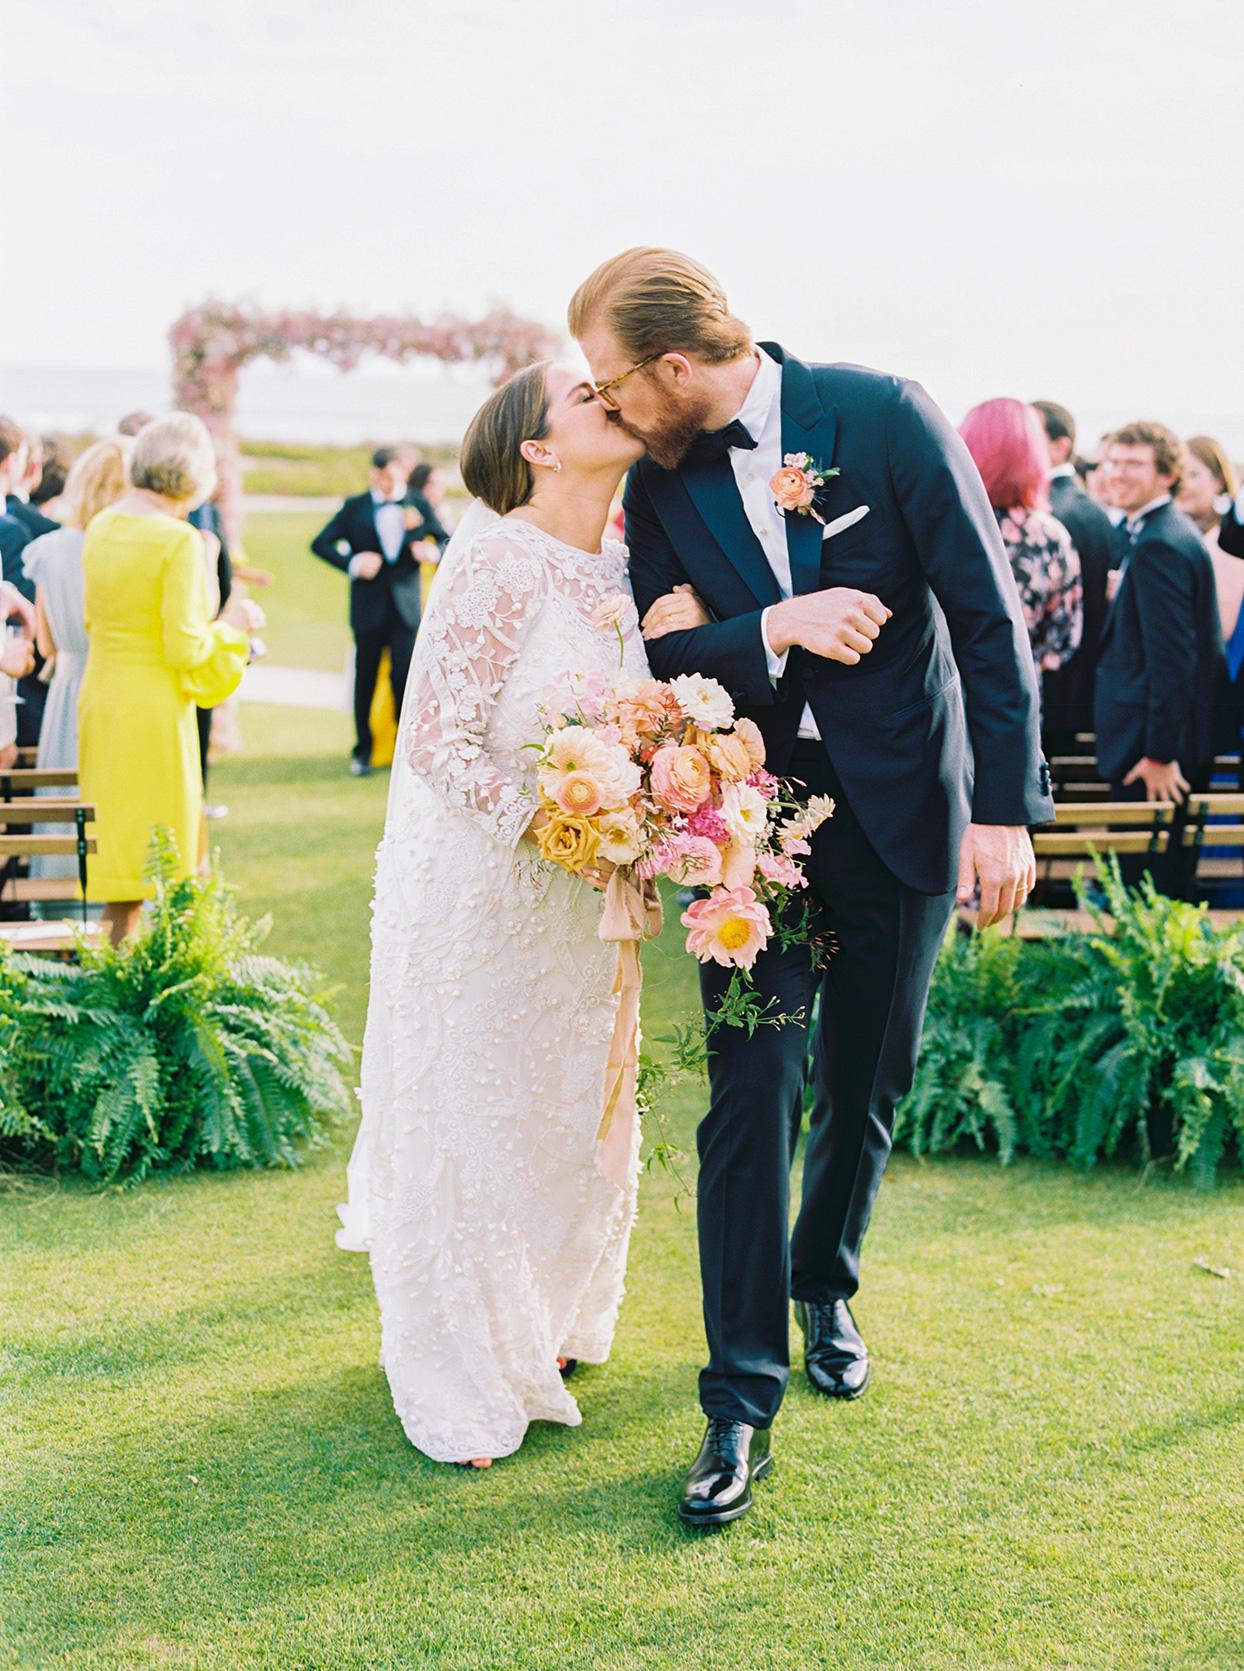 lauren dan wedding ceremony recessional kiss